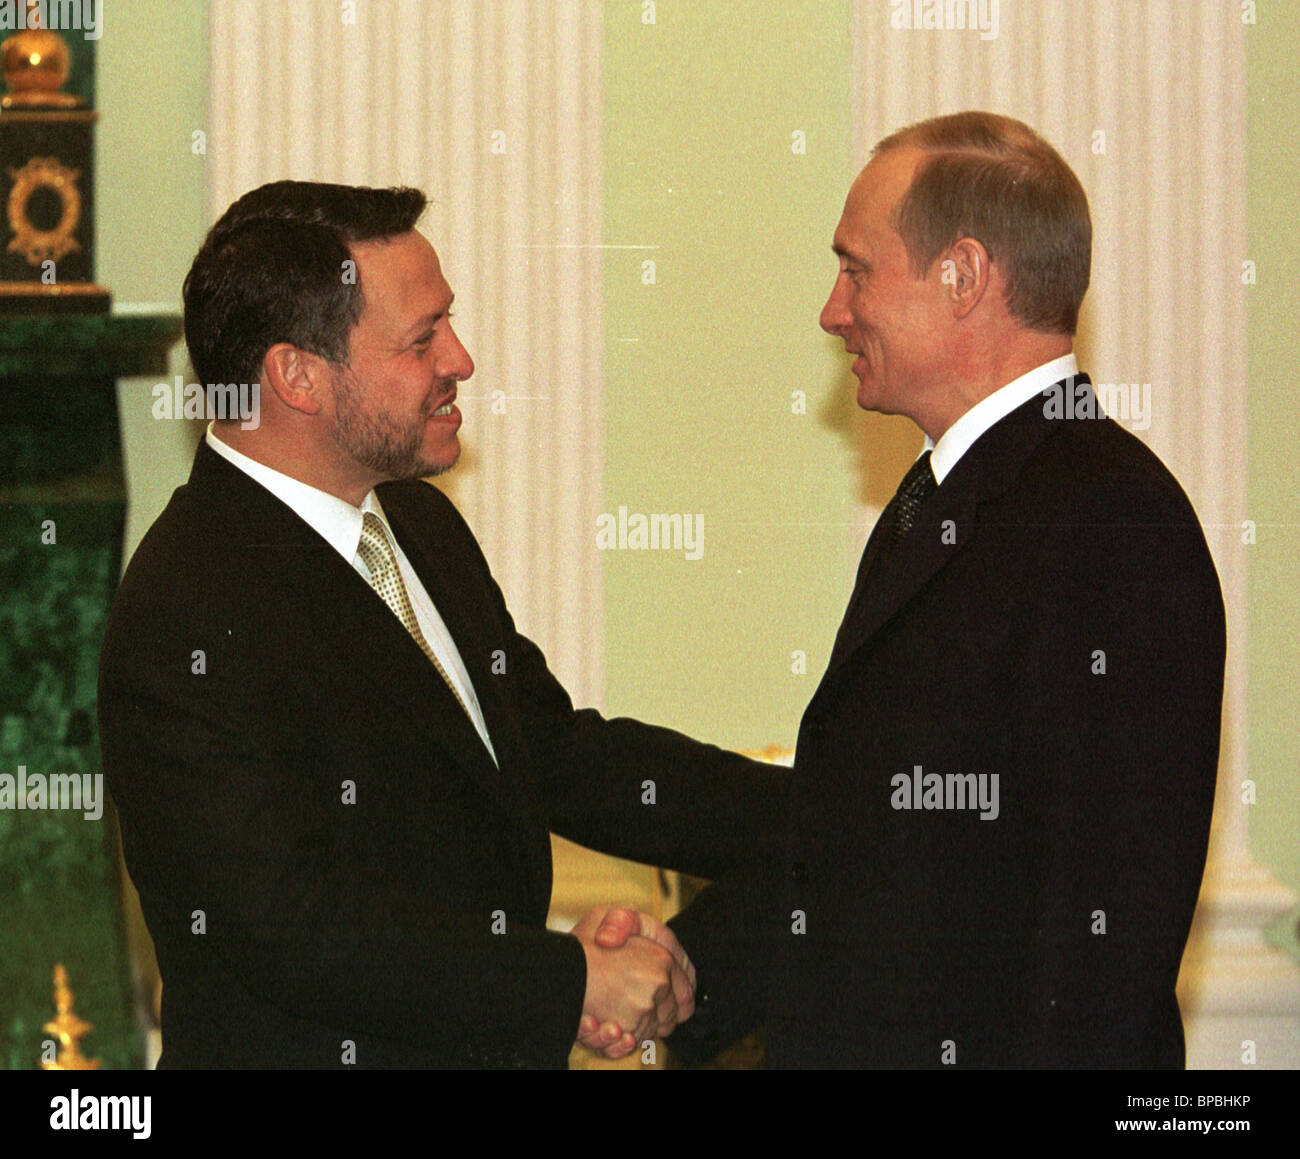 Meeting of President Putin with King of Jordan Abdullah II - Stock Image